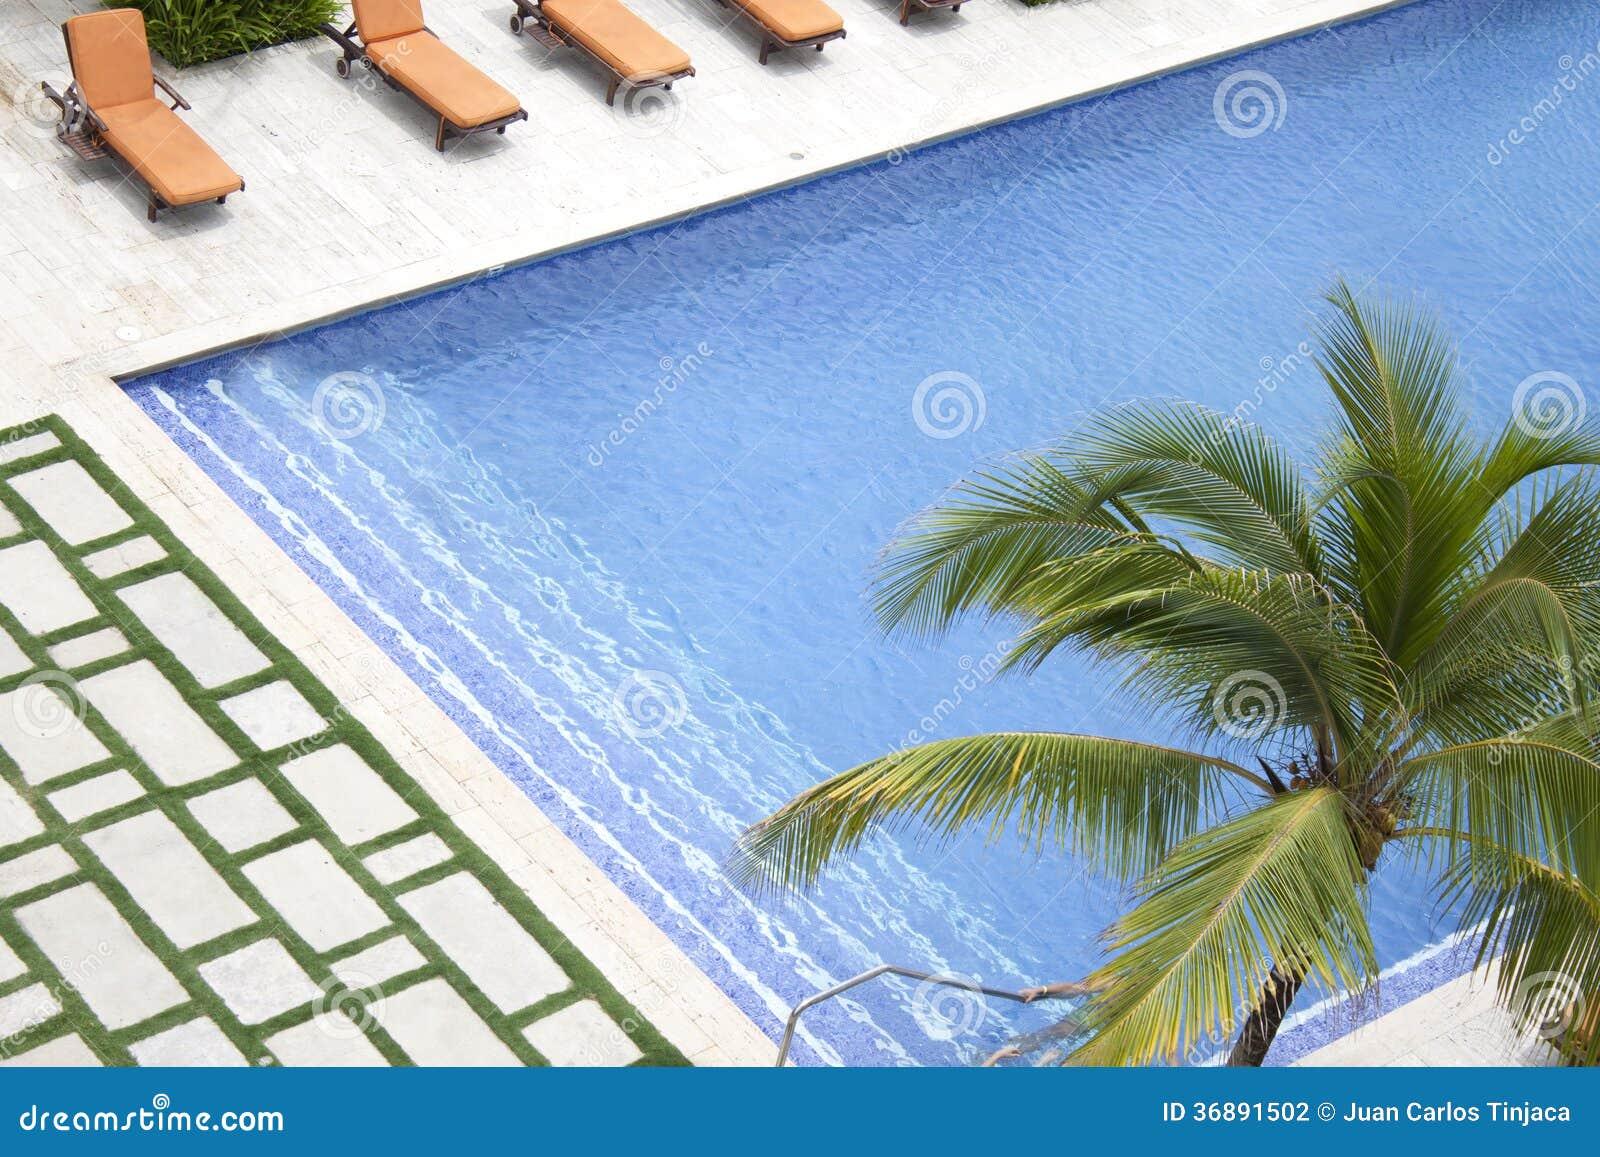 Download Piscina dell'hotel fotografia stock. Immagine di palma - 36891502